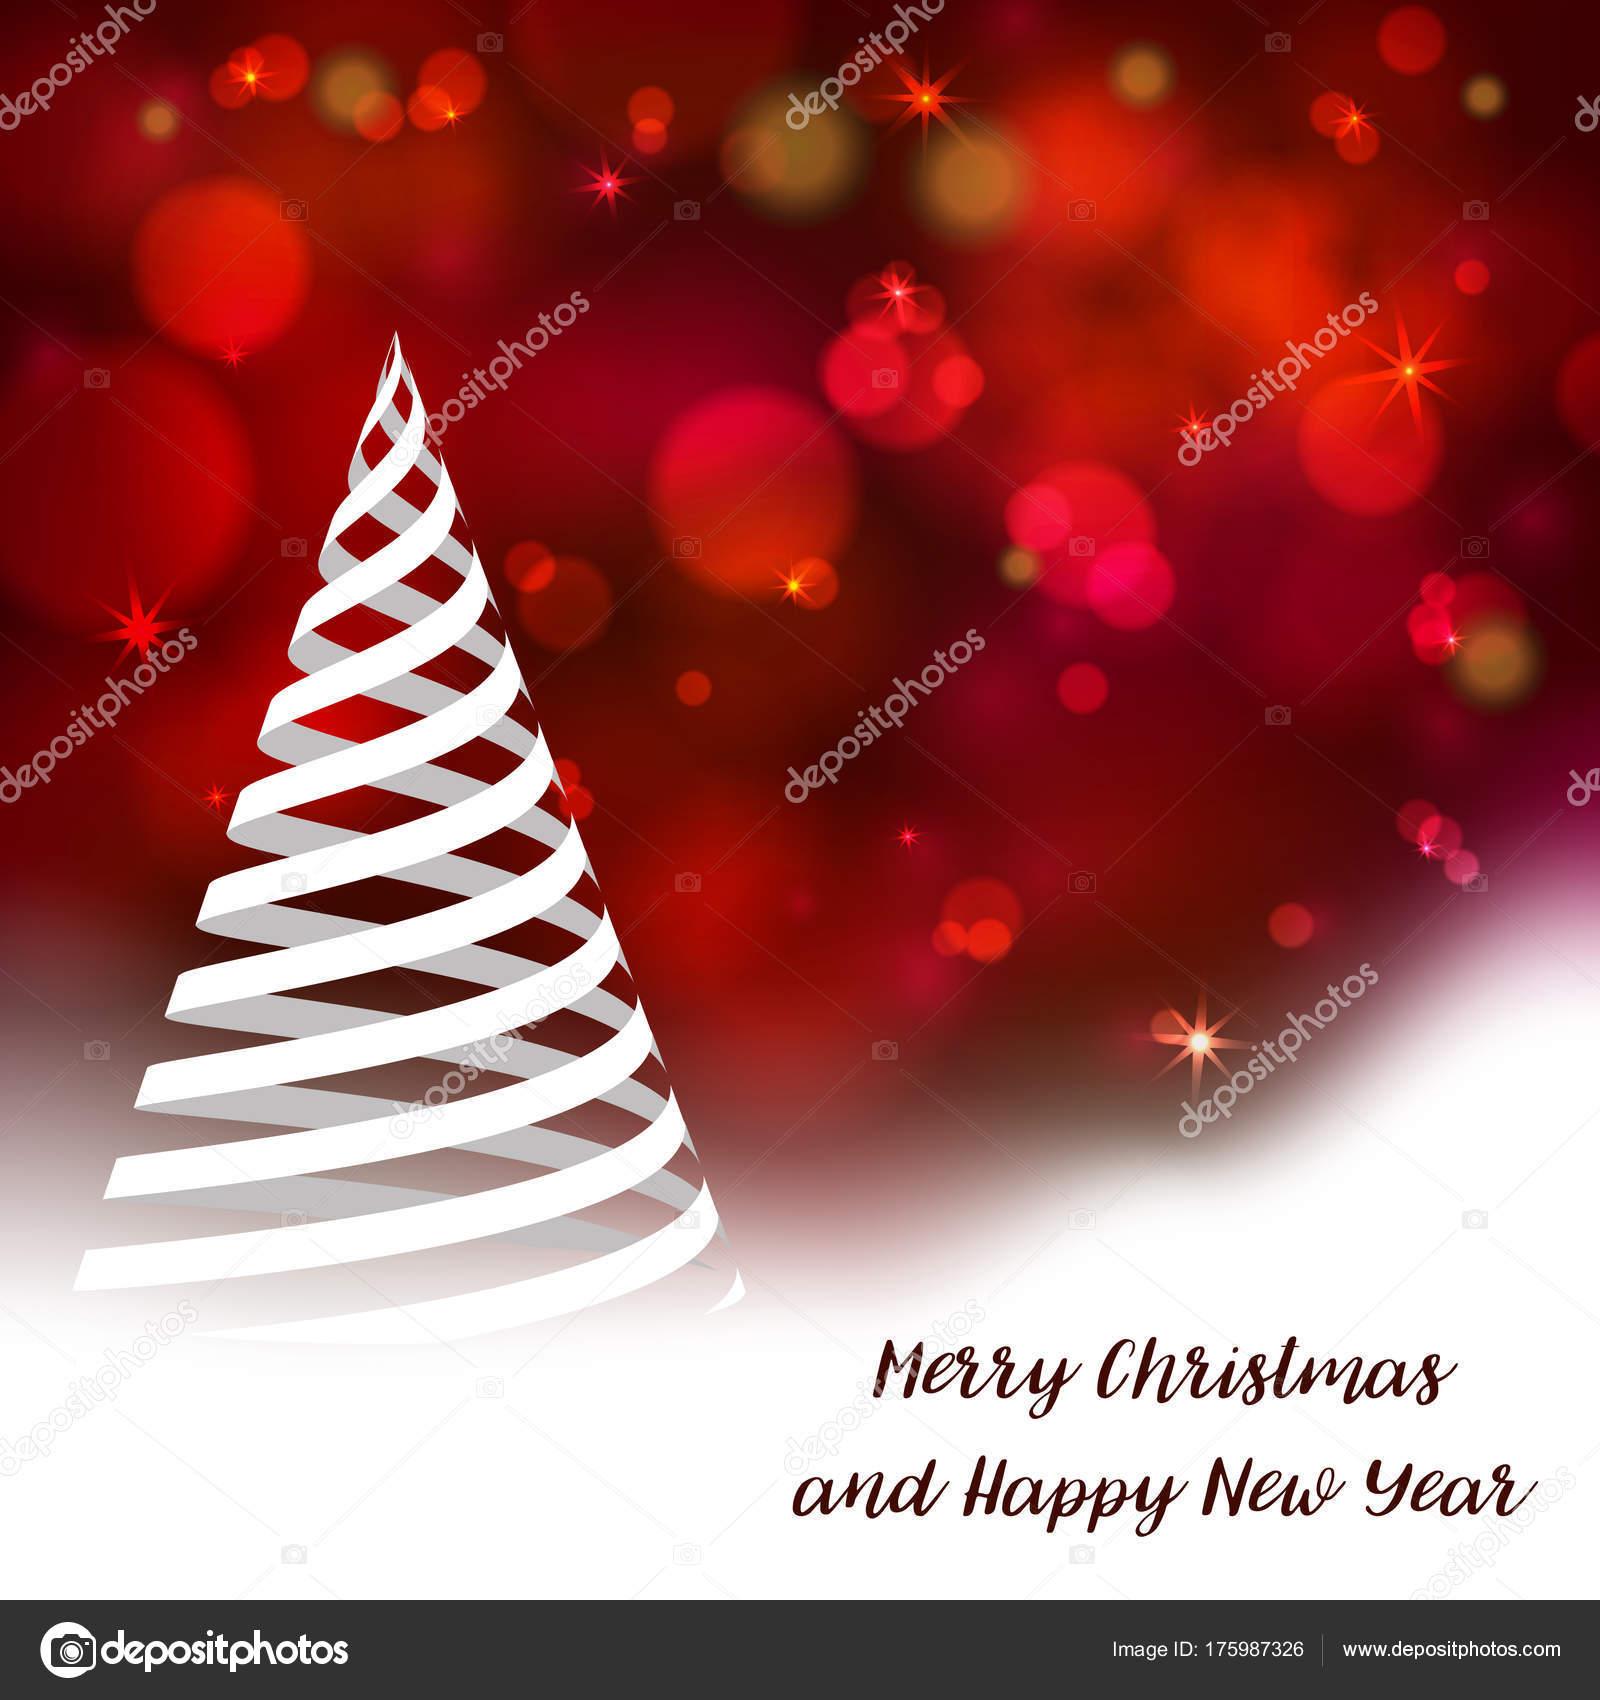 Presentaciones Feliz Navidad.Imagenes Para Presentaciones De Navidad Vector Arbol